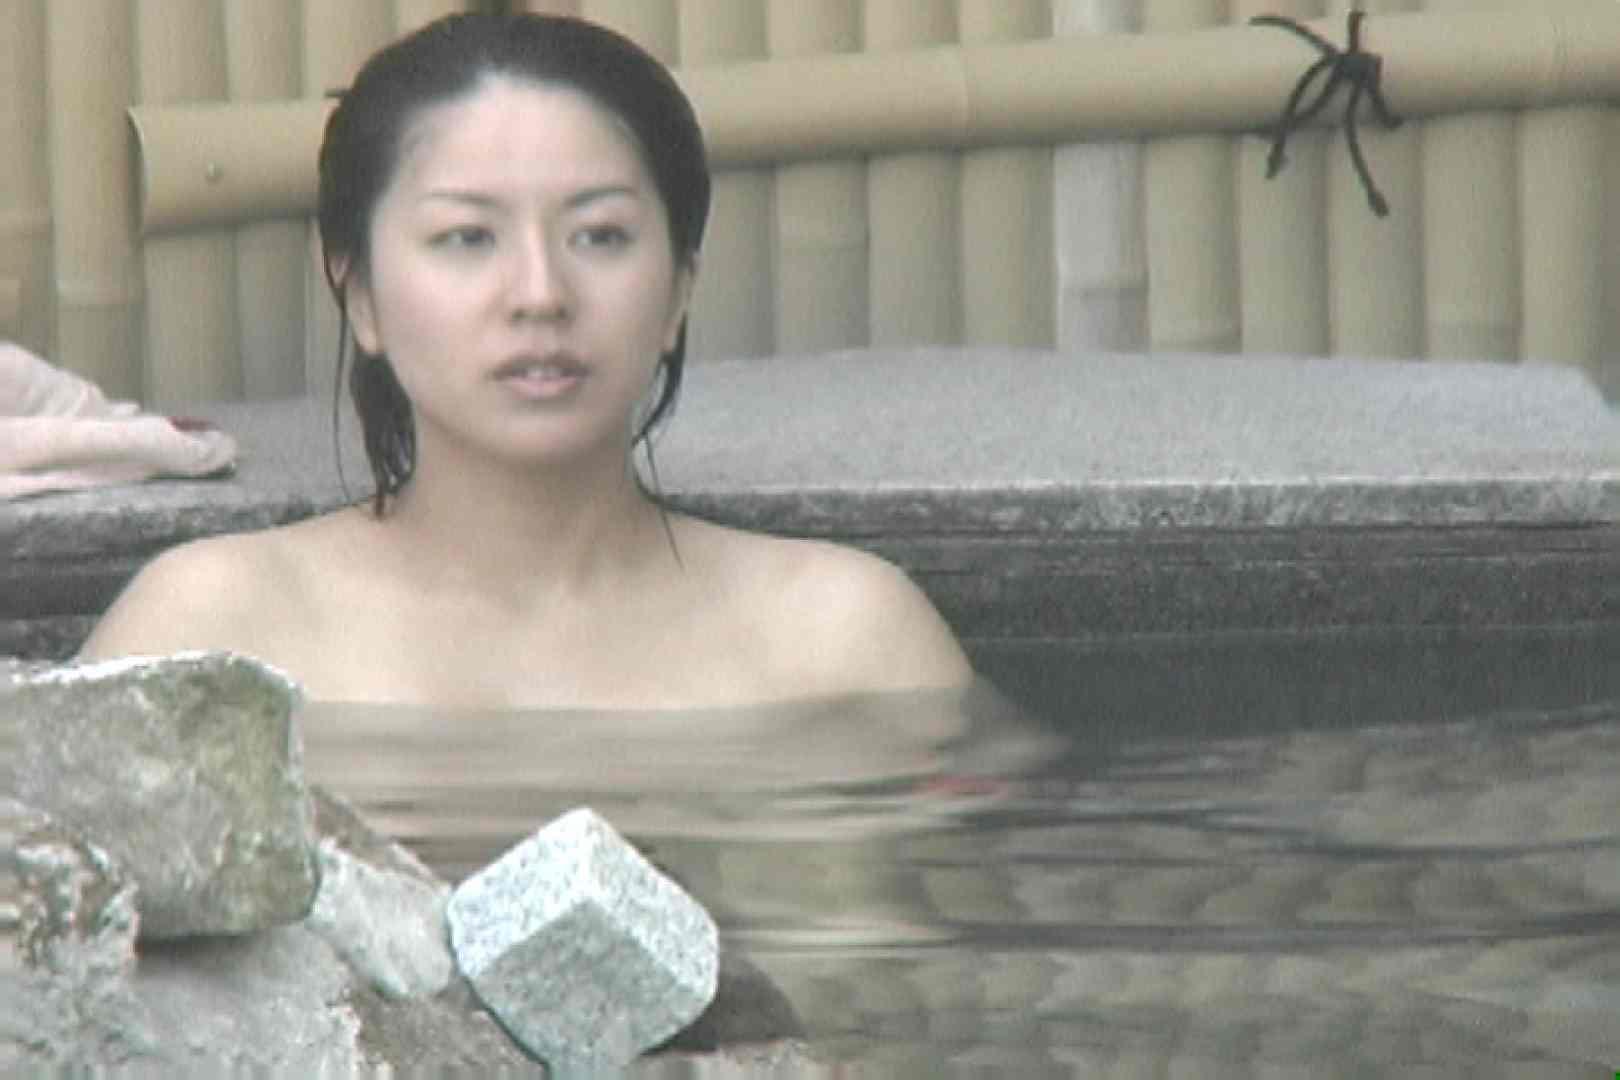 Aquaな露天風呂Vol.694 盗撮動画 | 露天風呂  10枚 1